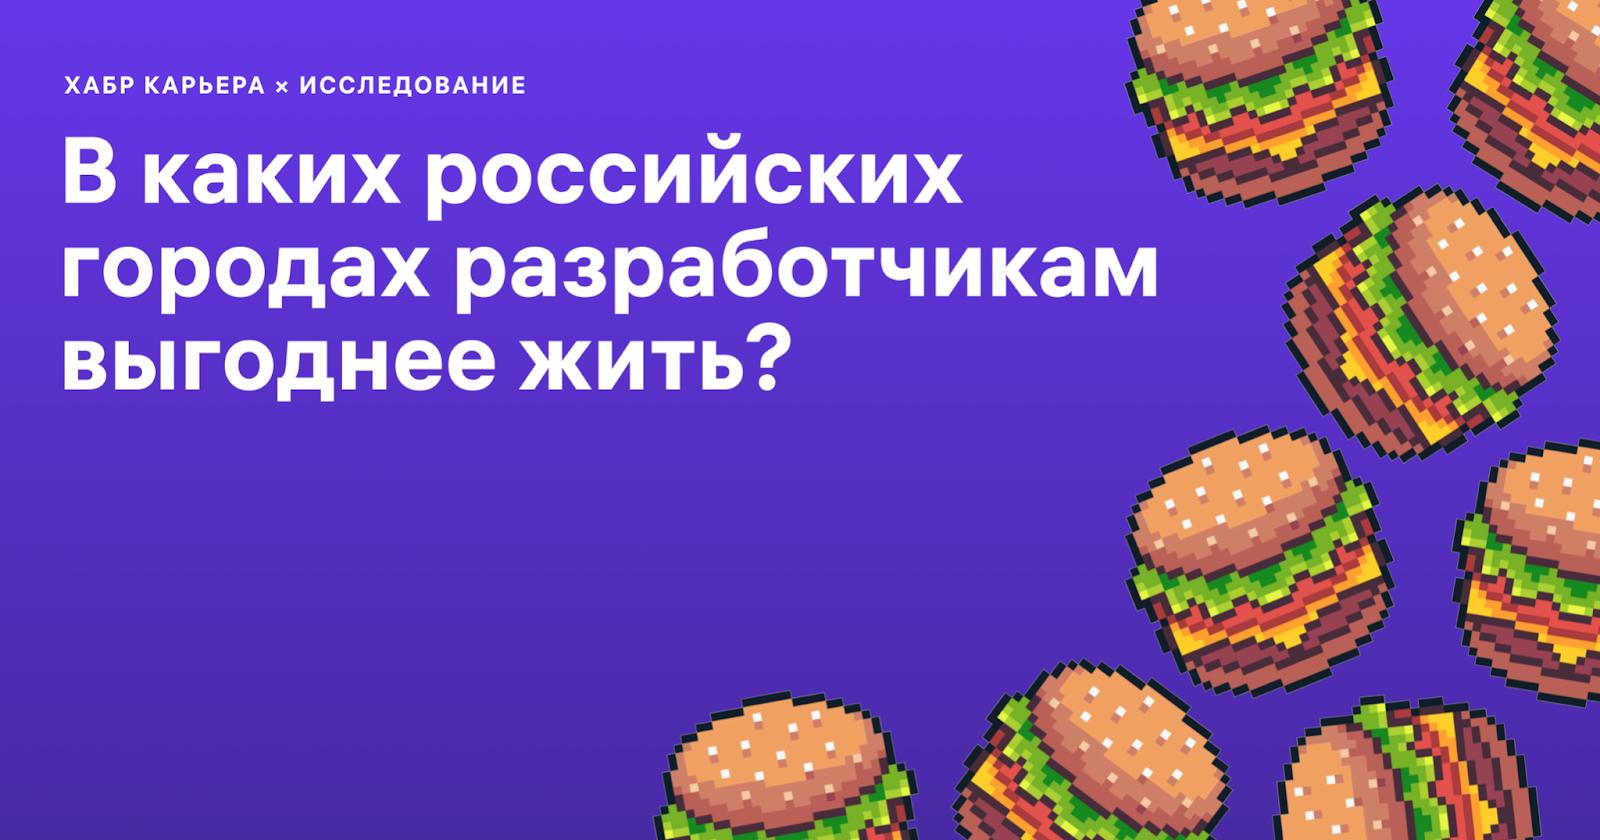 В каких российских городах разработчикам выгоднее жить - 1